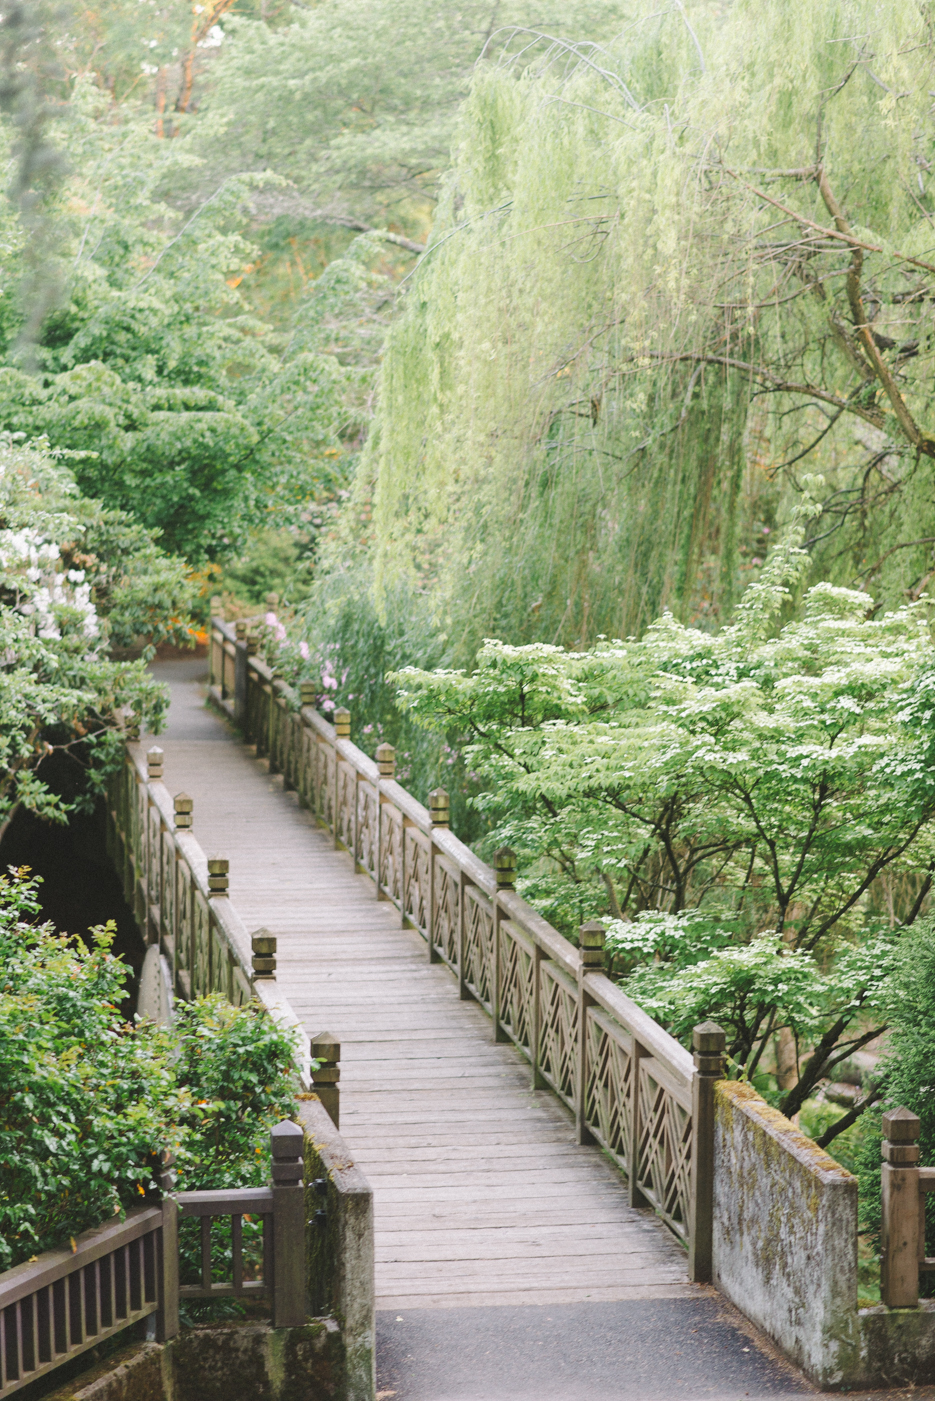 crystal-springs-rhododendron-garden-portraits-bridge-portland-oregon.jpg